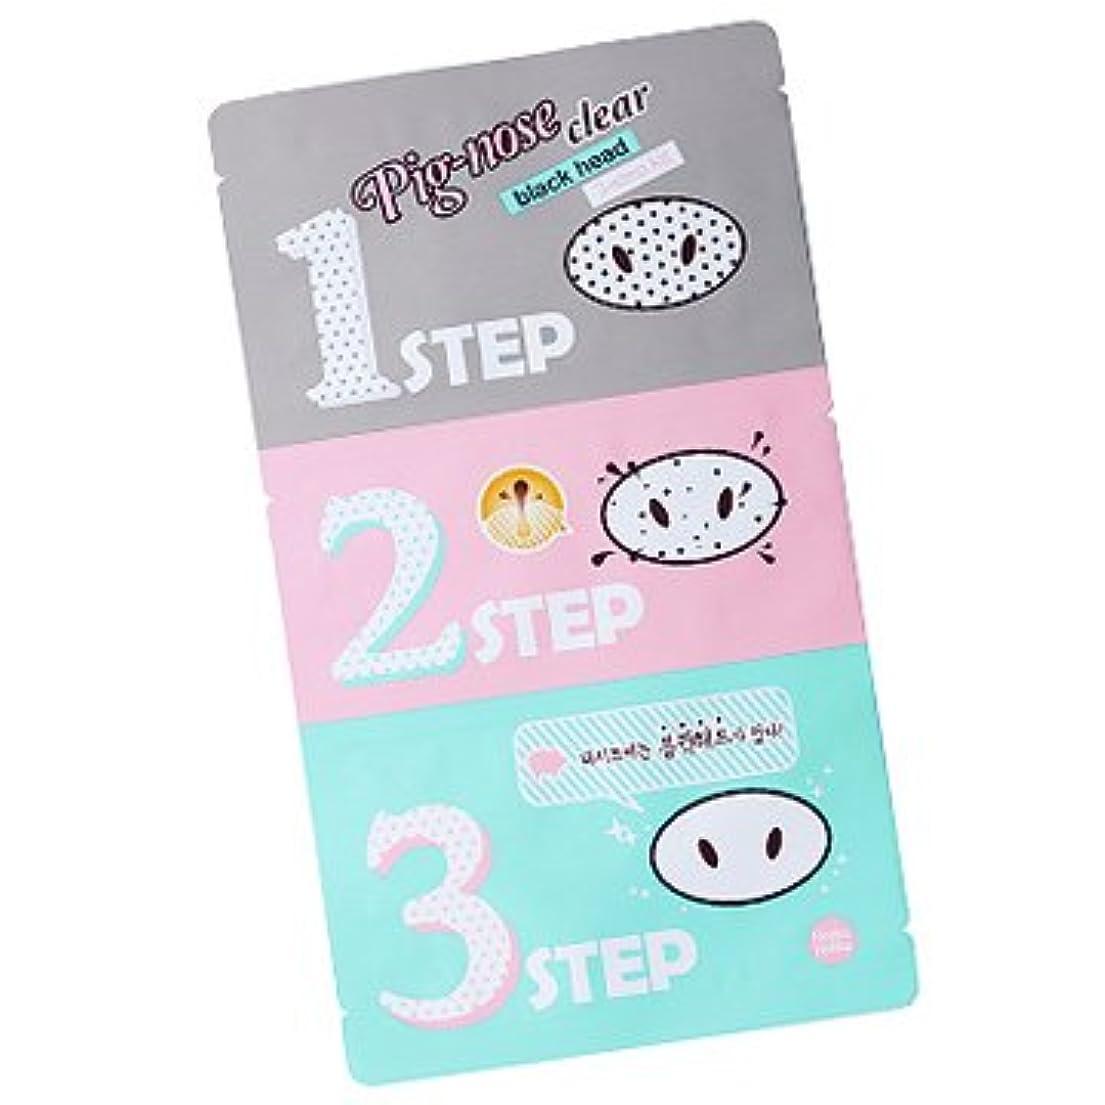 強風絶え間ないカタログHolika Holika Pig Nose Clear Black Head 3-Step Kit 10EA (Nose Pack) ホリカホリカ ピグノーズクリアブラックヘッド3-Stepキット(鼻パック) 10pcs...